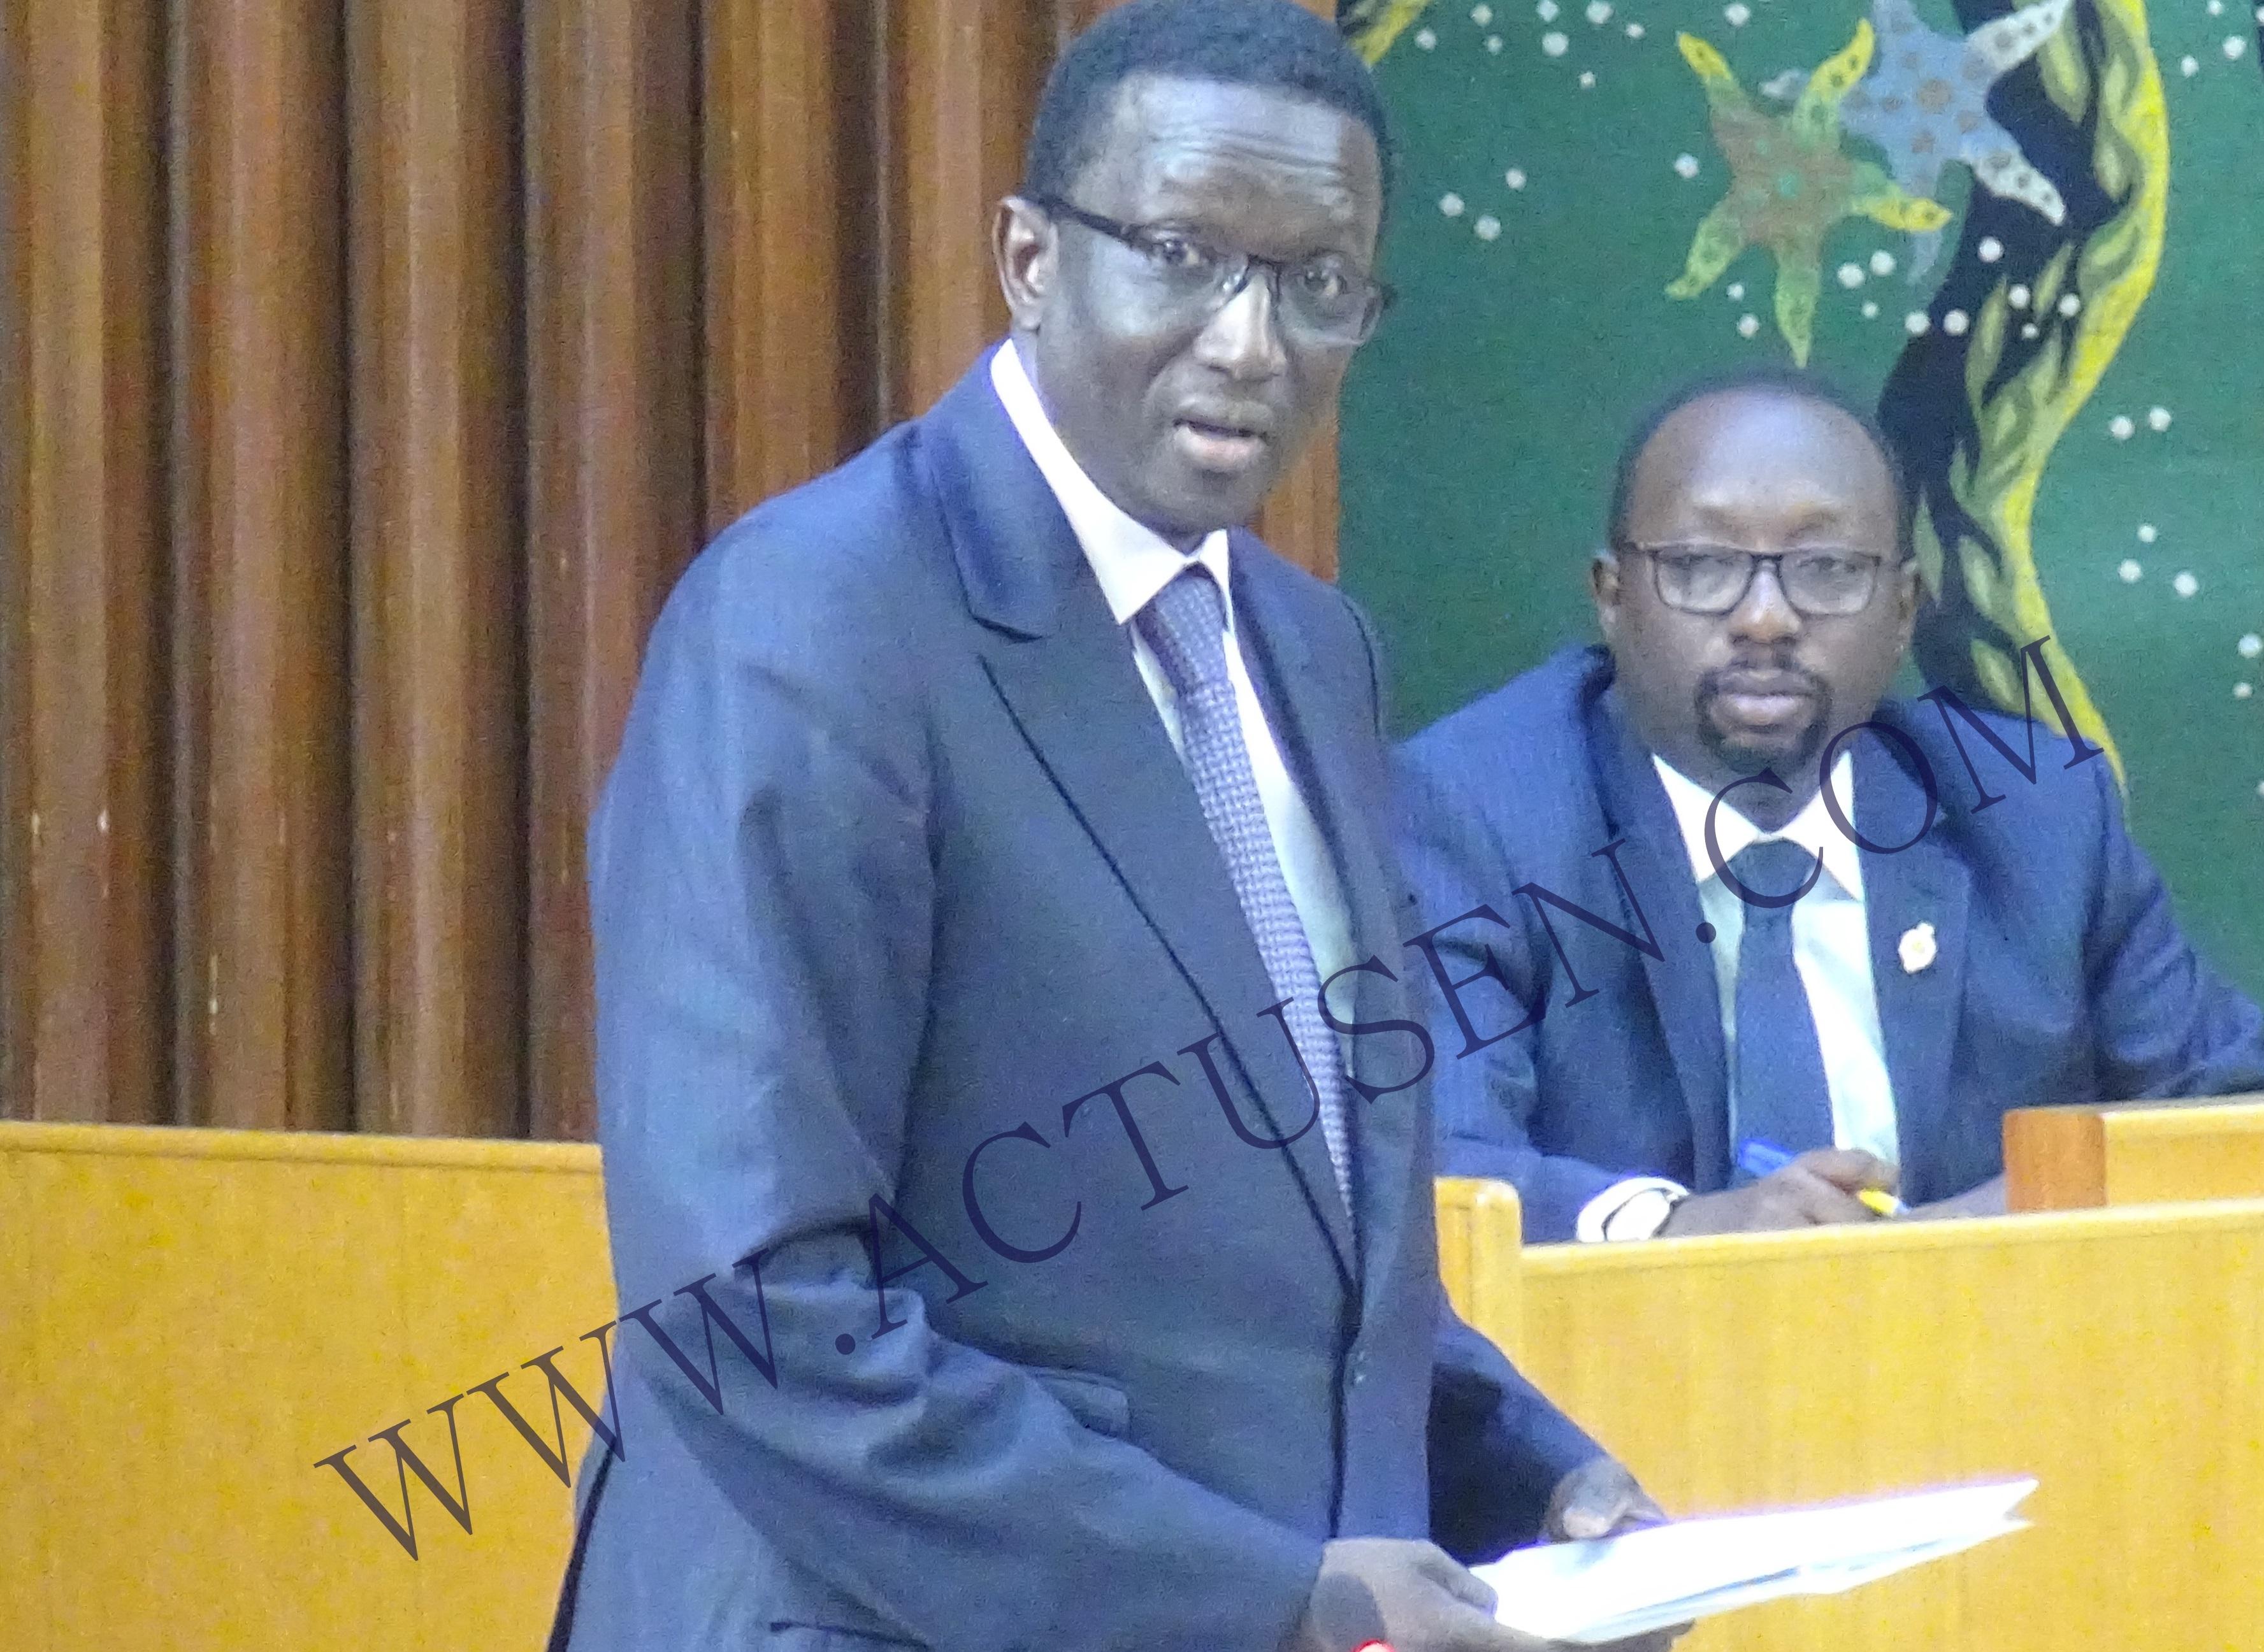 Le Mac tire sur Amadou Ba: «il semble prêt à s'allier même avec le diable pour faire plaisir au président Macky Sall»